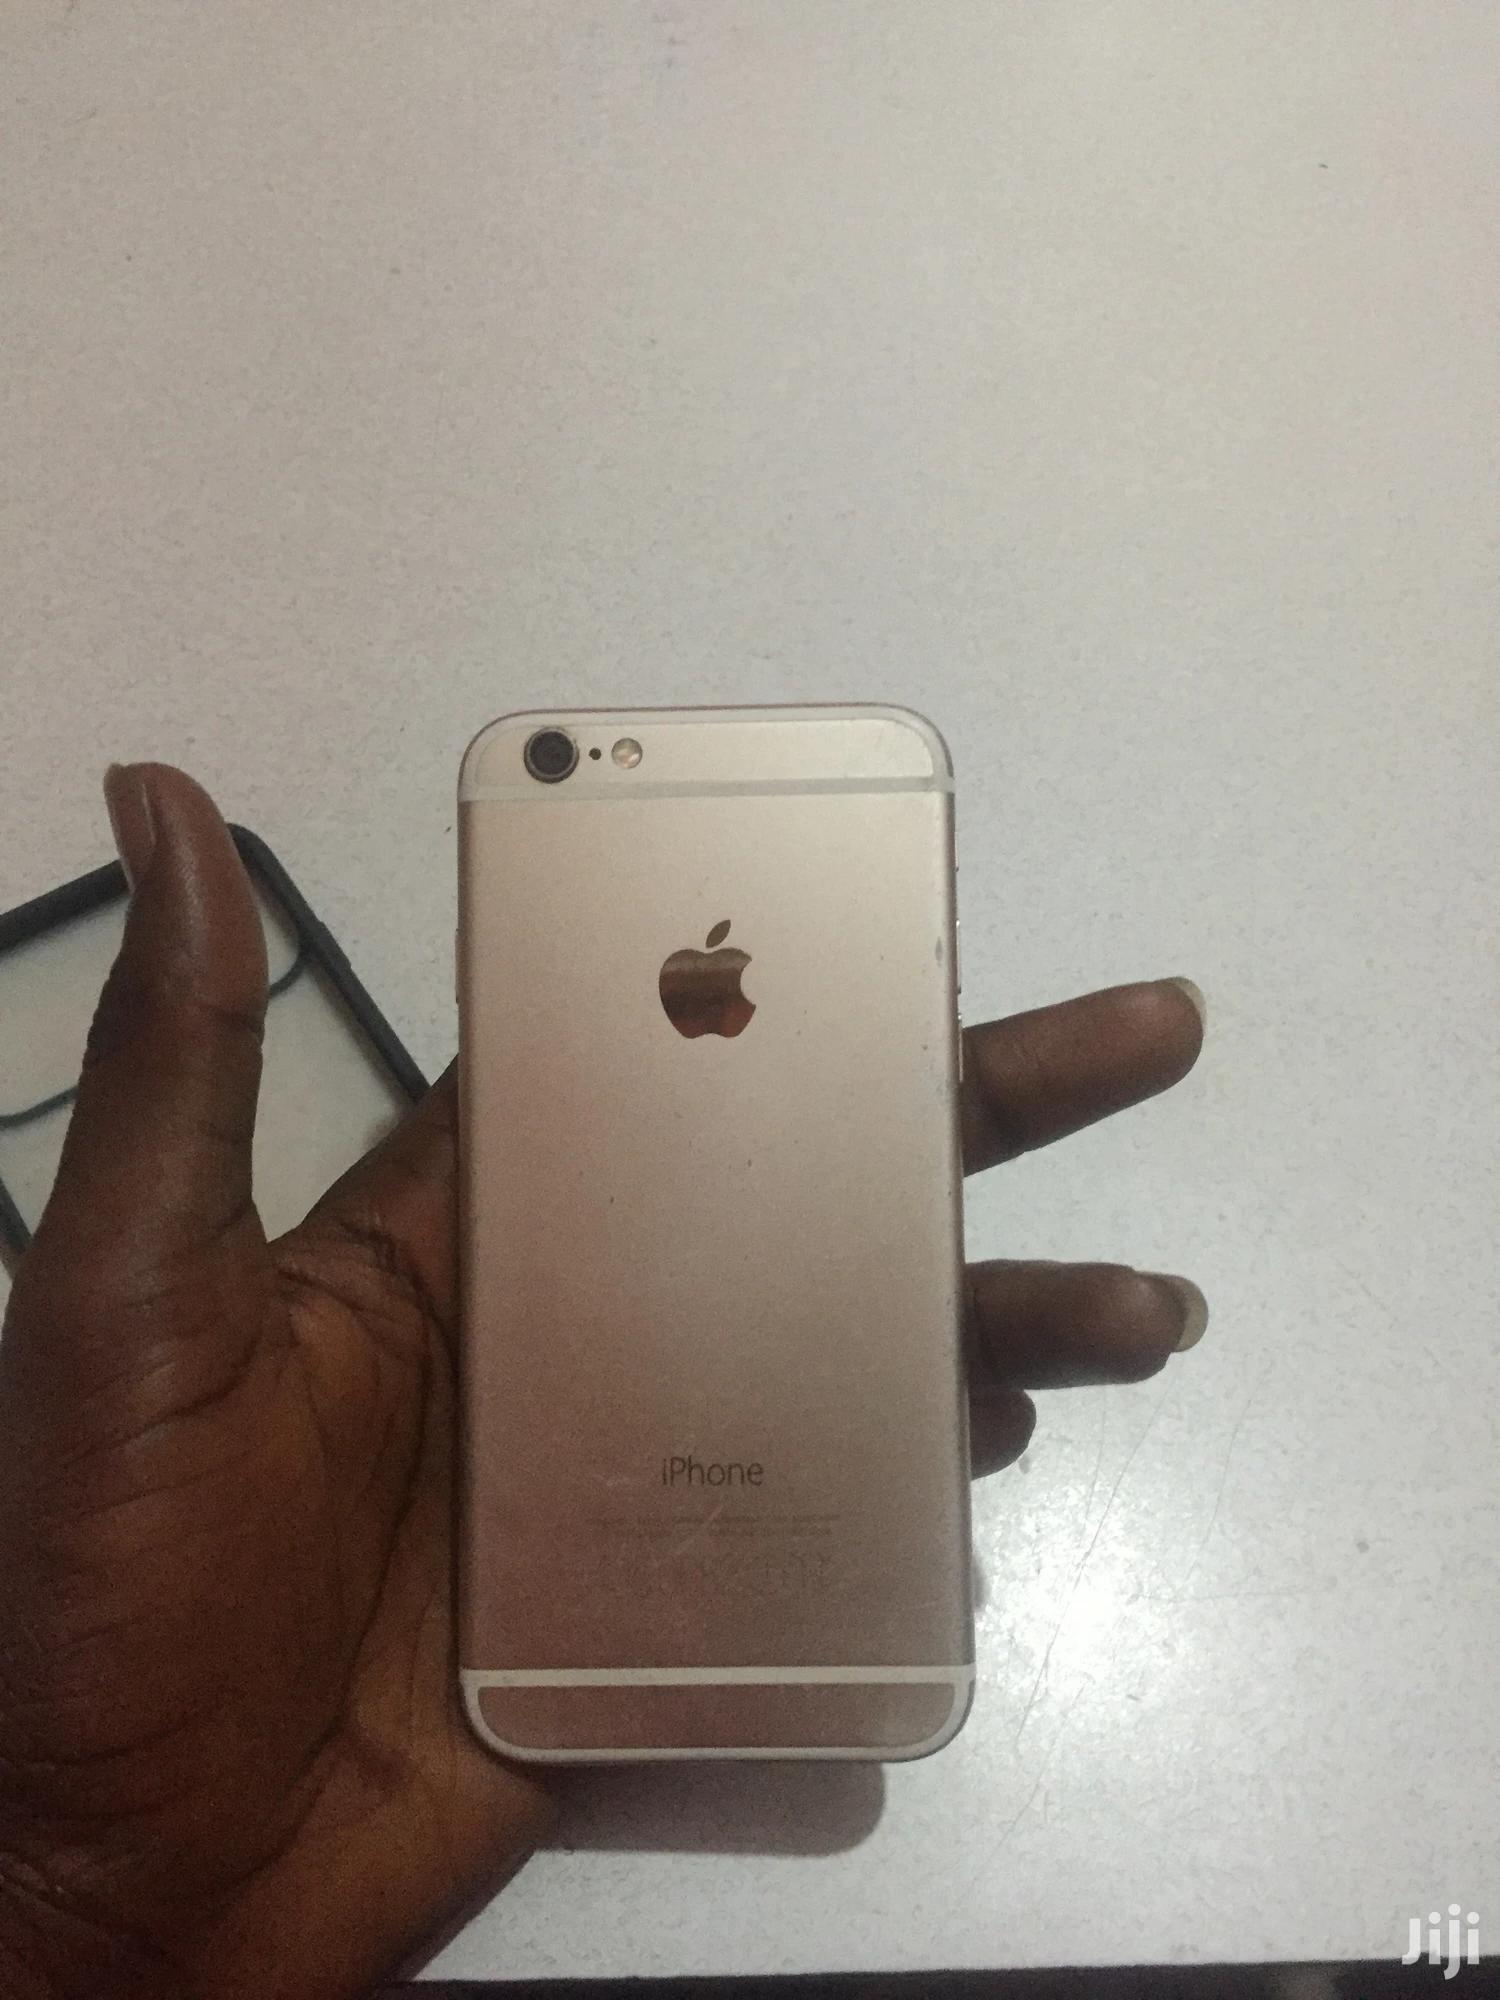 Apple iPhone 6 16 GB Gold | Mobile Phones for sale in Kumasi Metropolitan, Ashanti, Ghana